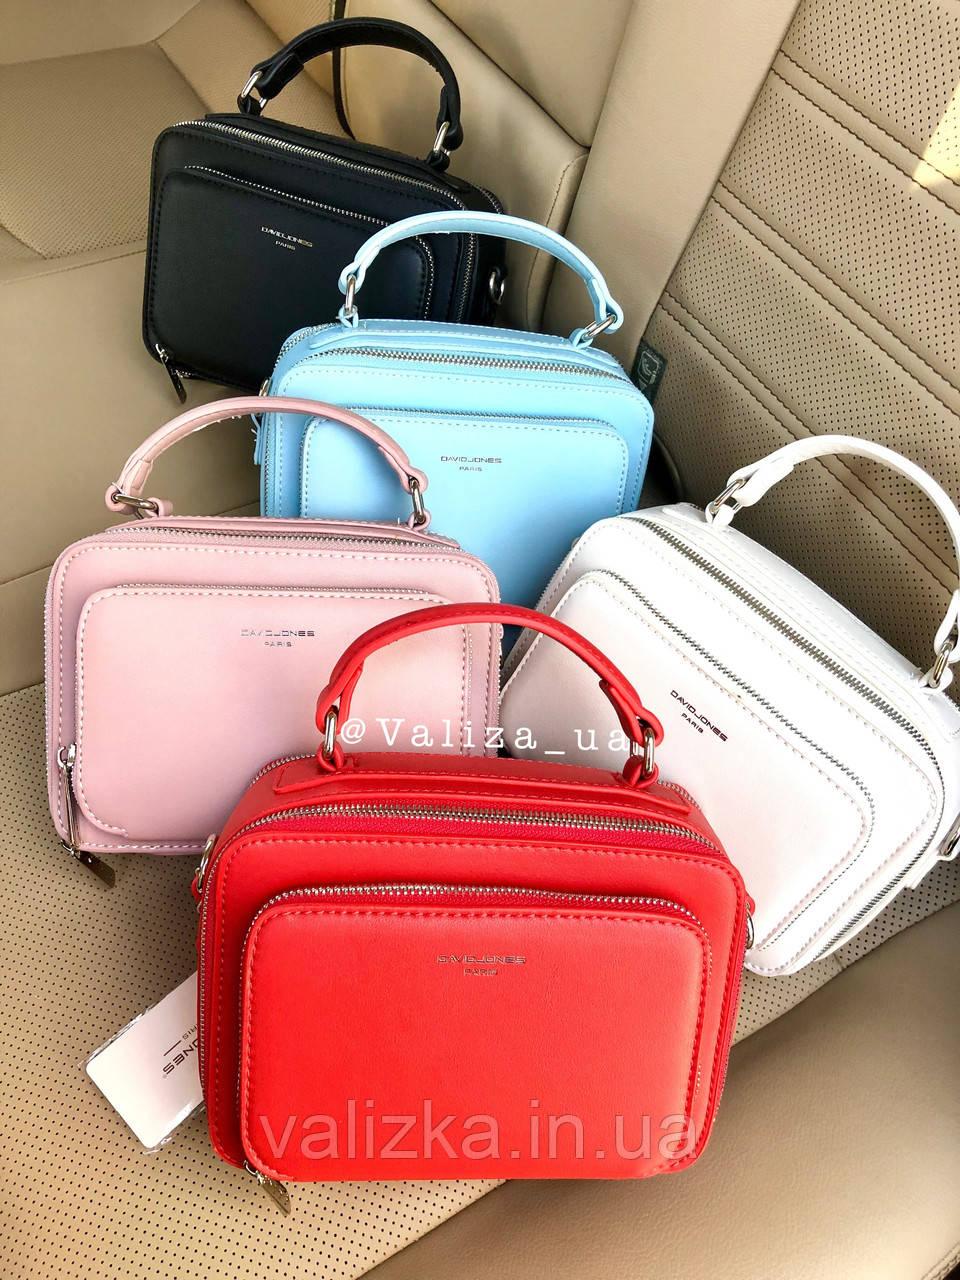 Женская сумка кросс-боди David Jones 3966  на 2 отделения  / жіноча сумка